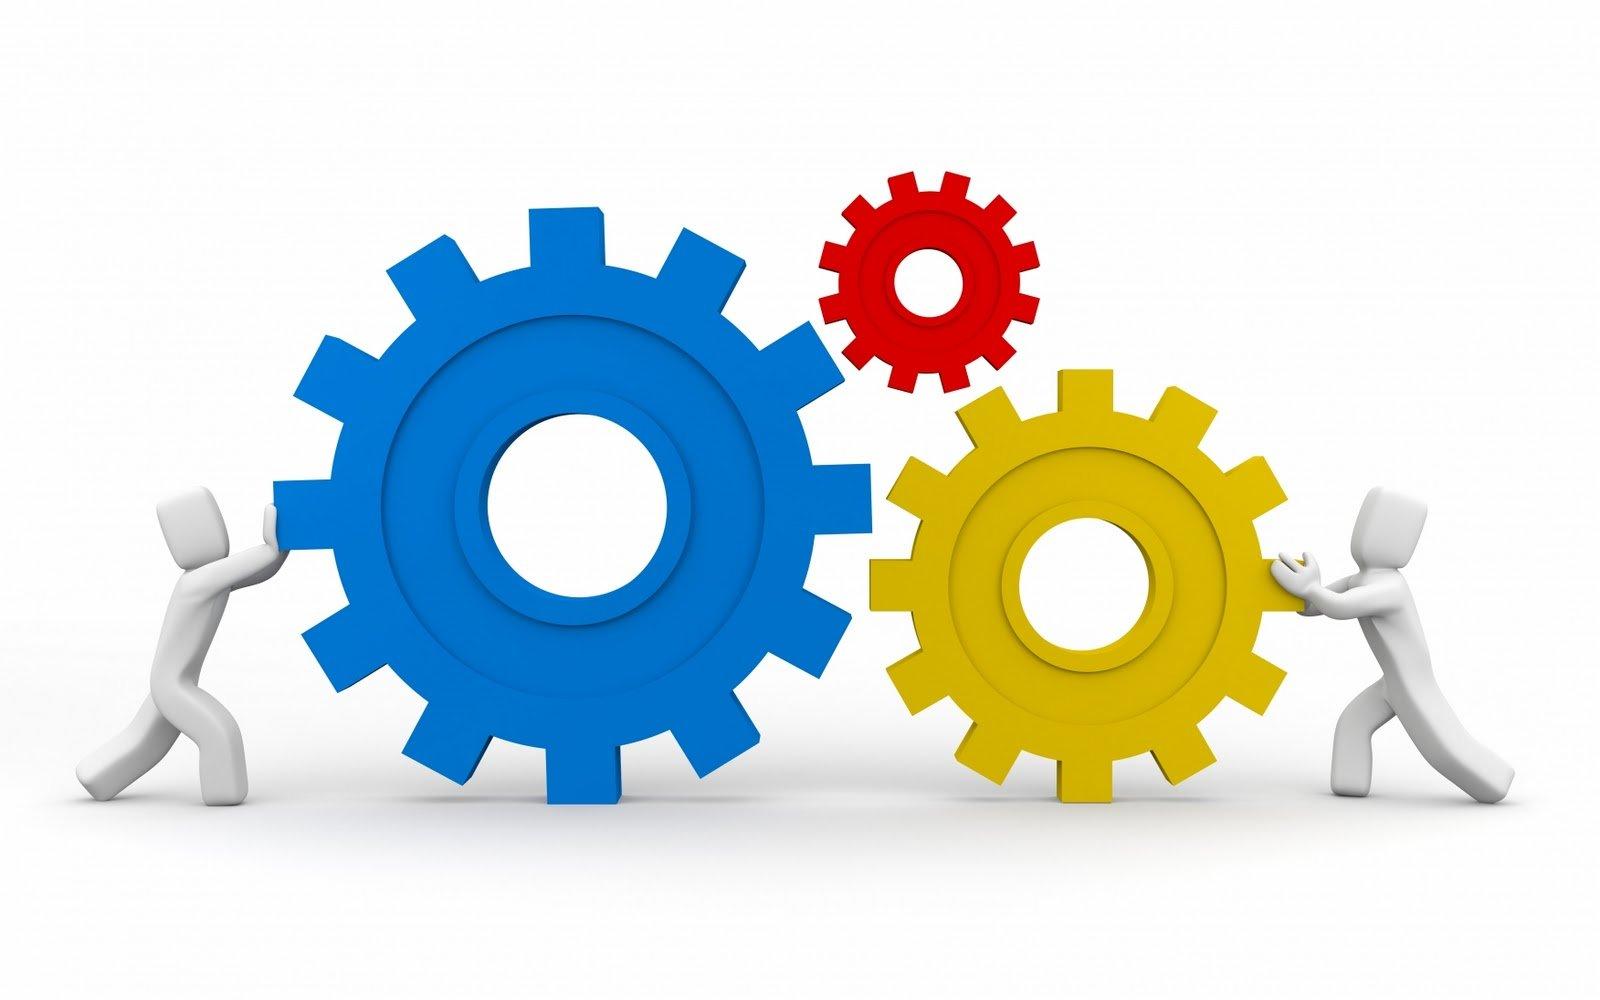 Qué es Proyecto? - Concepto, Definición y Características